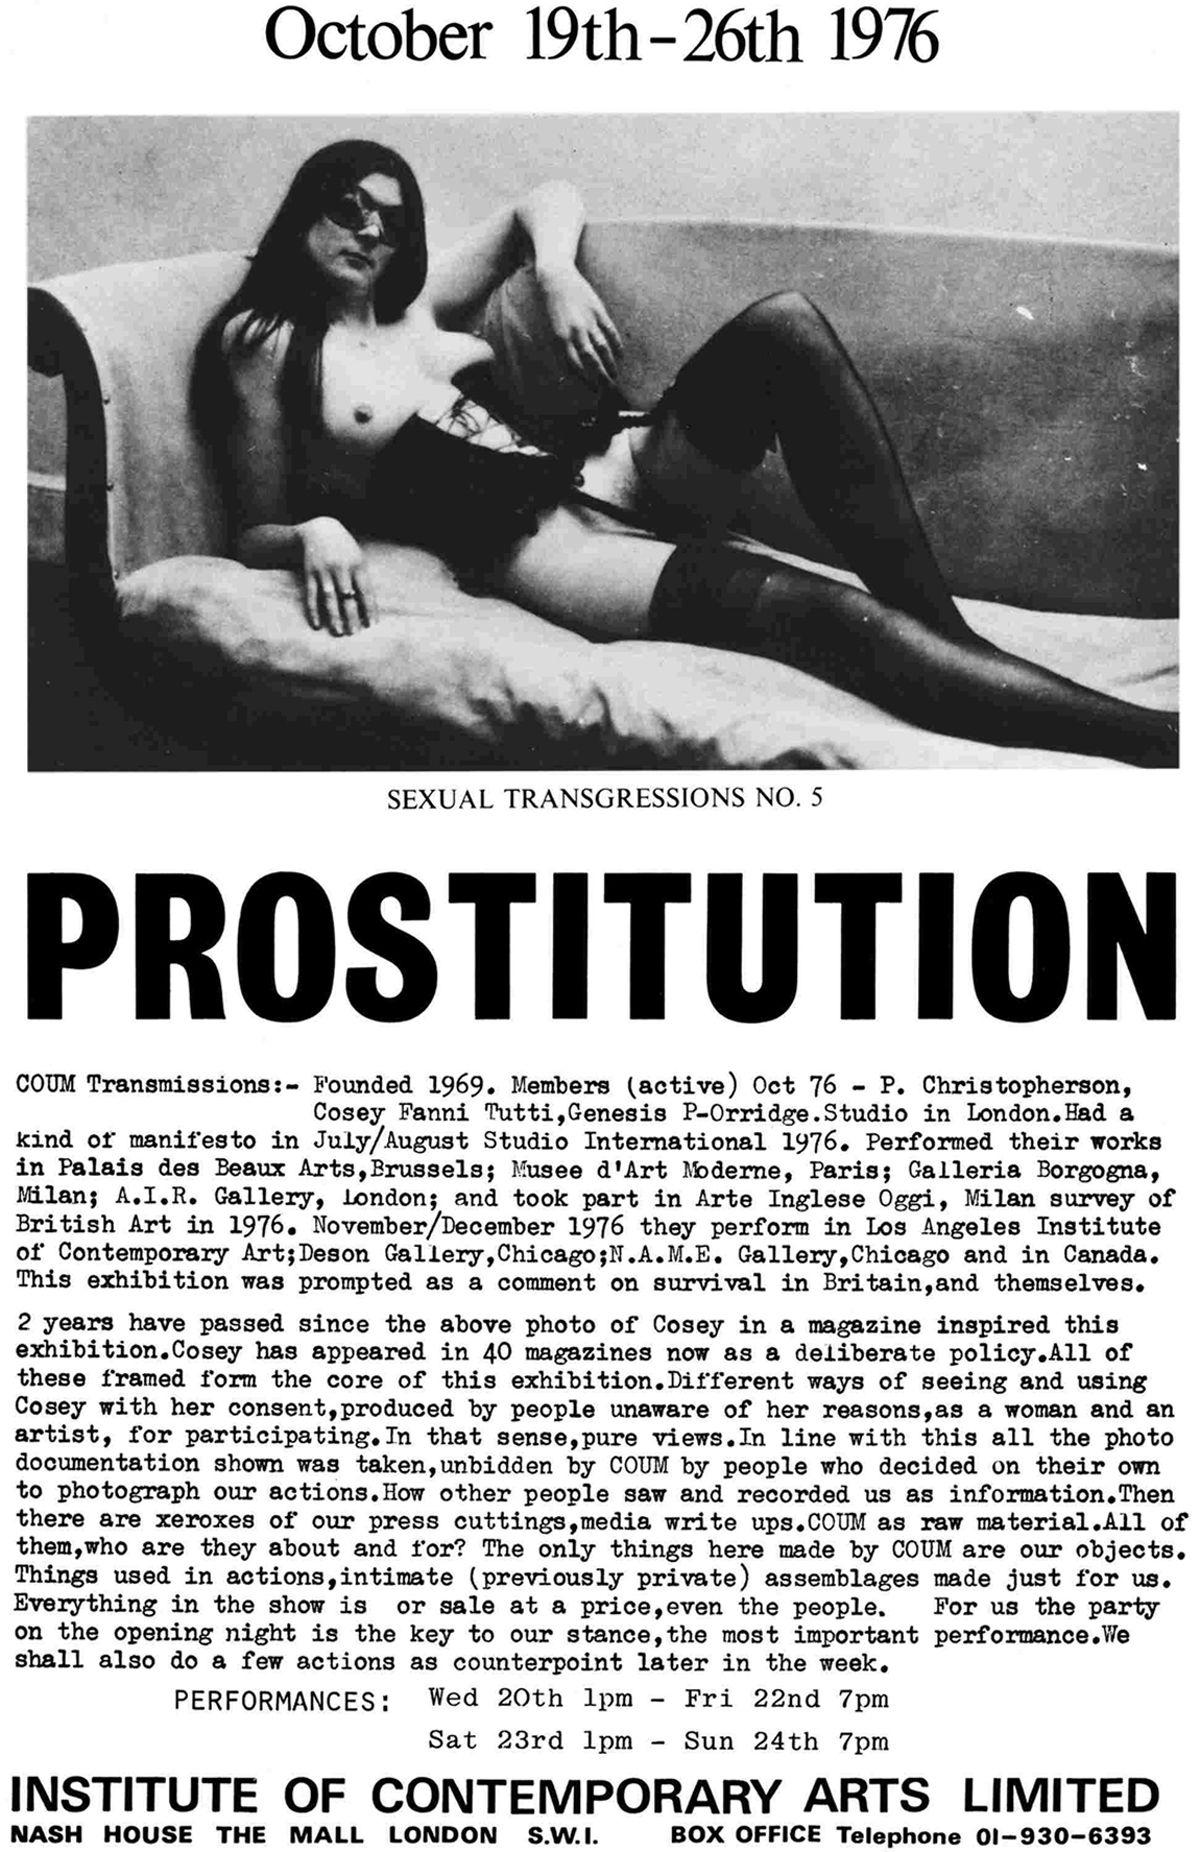 Cartel de la exposición  Prostitution  (ICA, octubre de 1976)